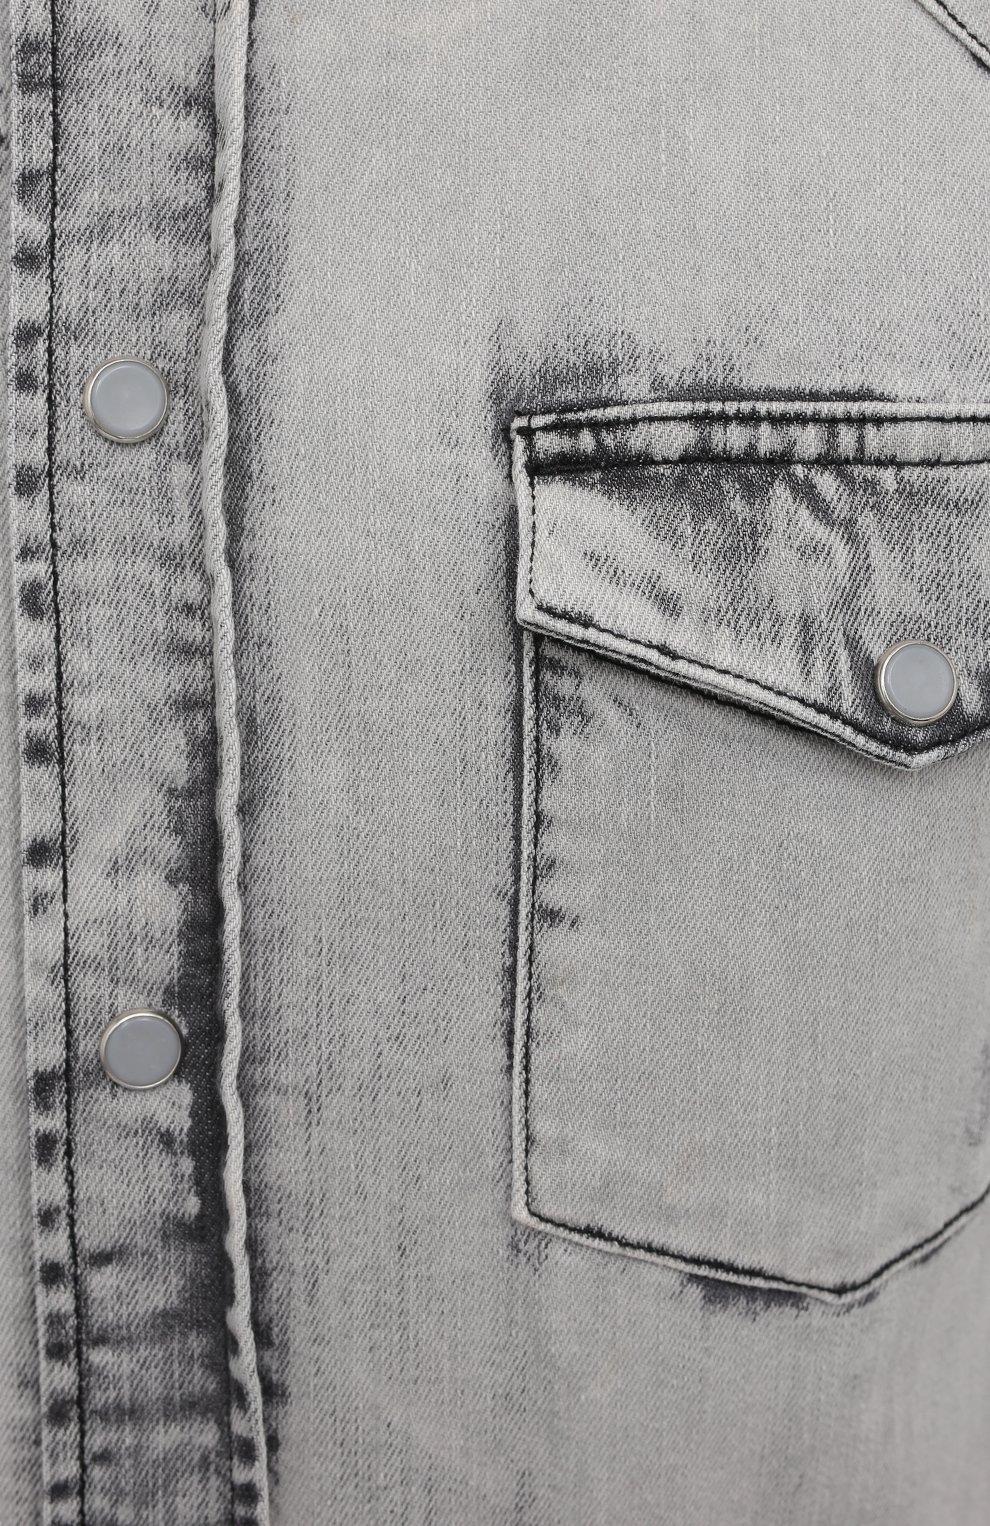 Мужская джинсовая рубашка DOLCE & GABBANA серого цвета, арт. G5EX7D/G8DM1   Фото 5 (Воротник: Кент; Рукава: Длинные; Манжеты: На кнопках; Кросс-КТ: Деним; Случай: Повседневный; Длина (для топов): Стандартные; Стили: Гранж, Кэжуэл; Рубашки М: Slim Fit; Материал внешний: Хлопок, Деним; Принт: Однотонные)